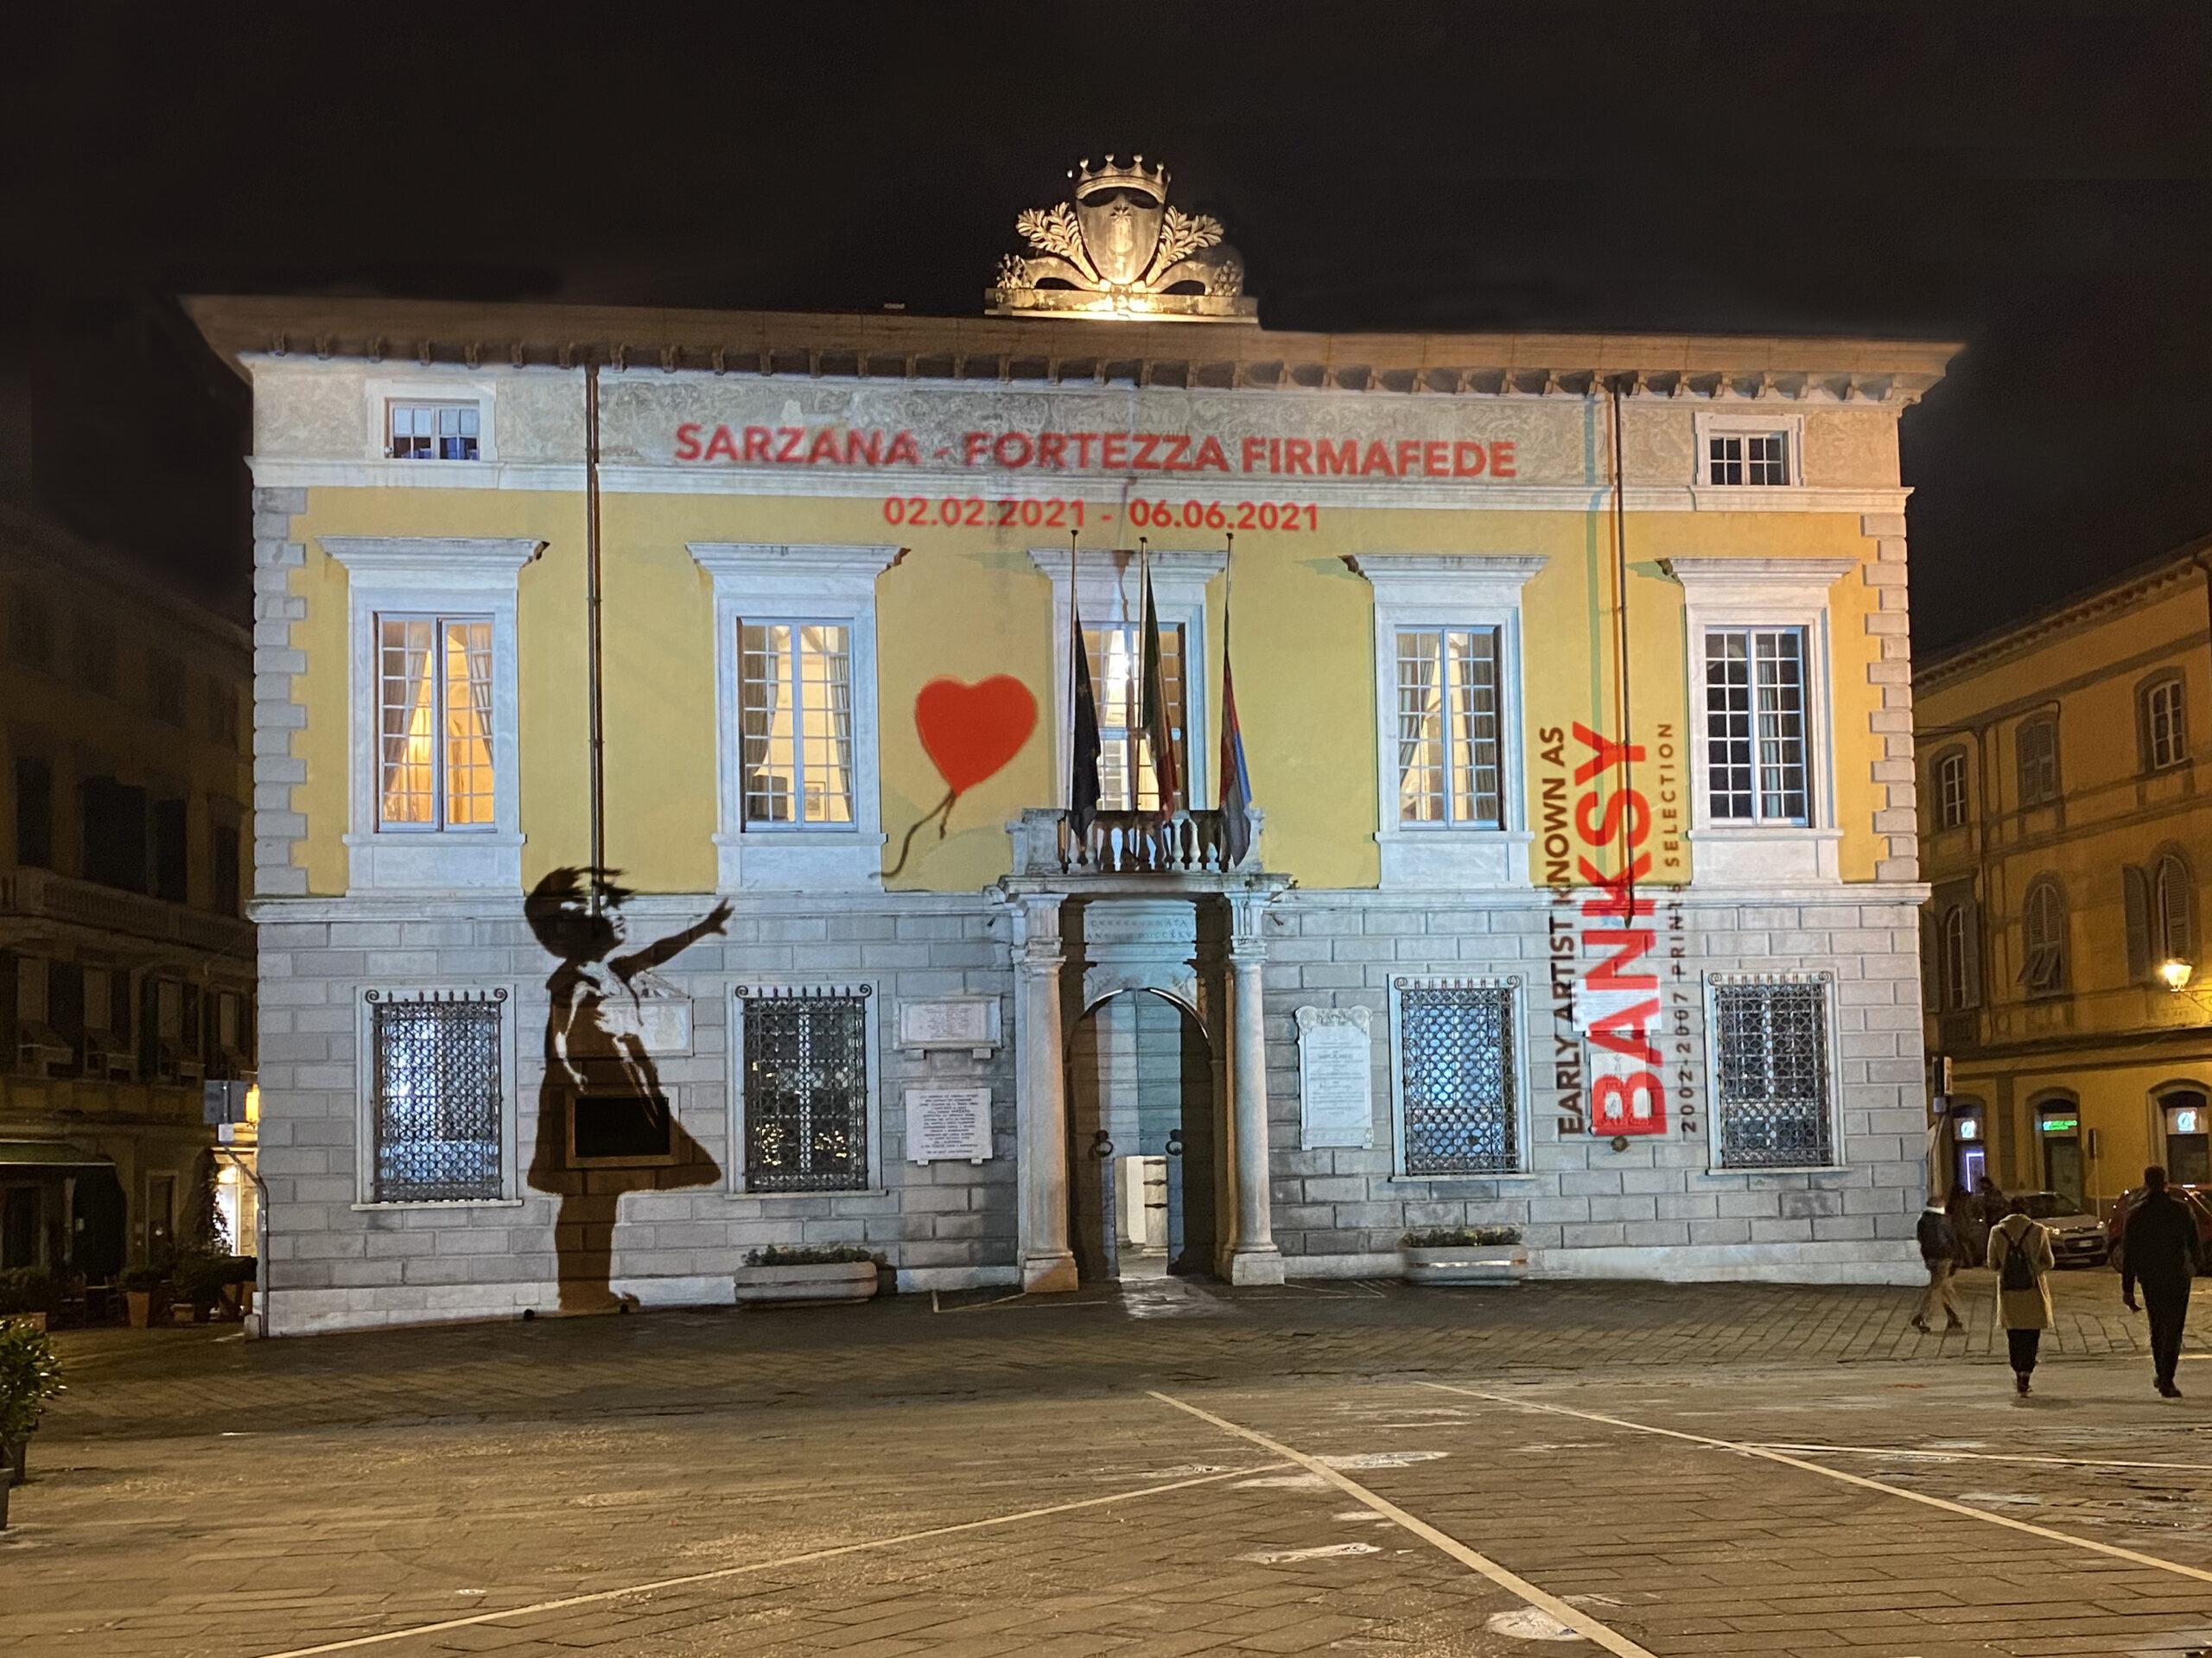 Proiezione promozionale relativa alla mostra sullo street artist Banksy.